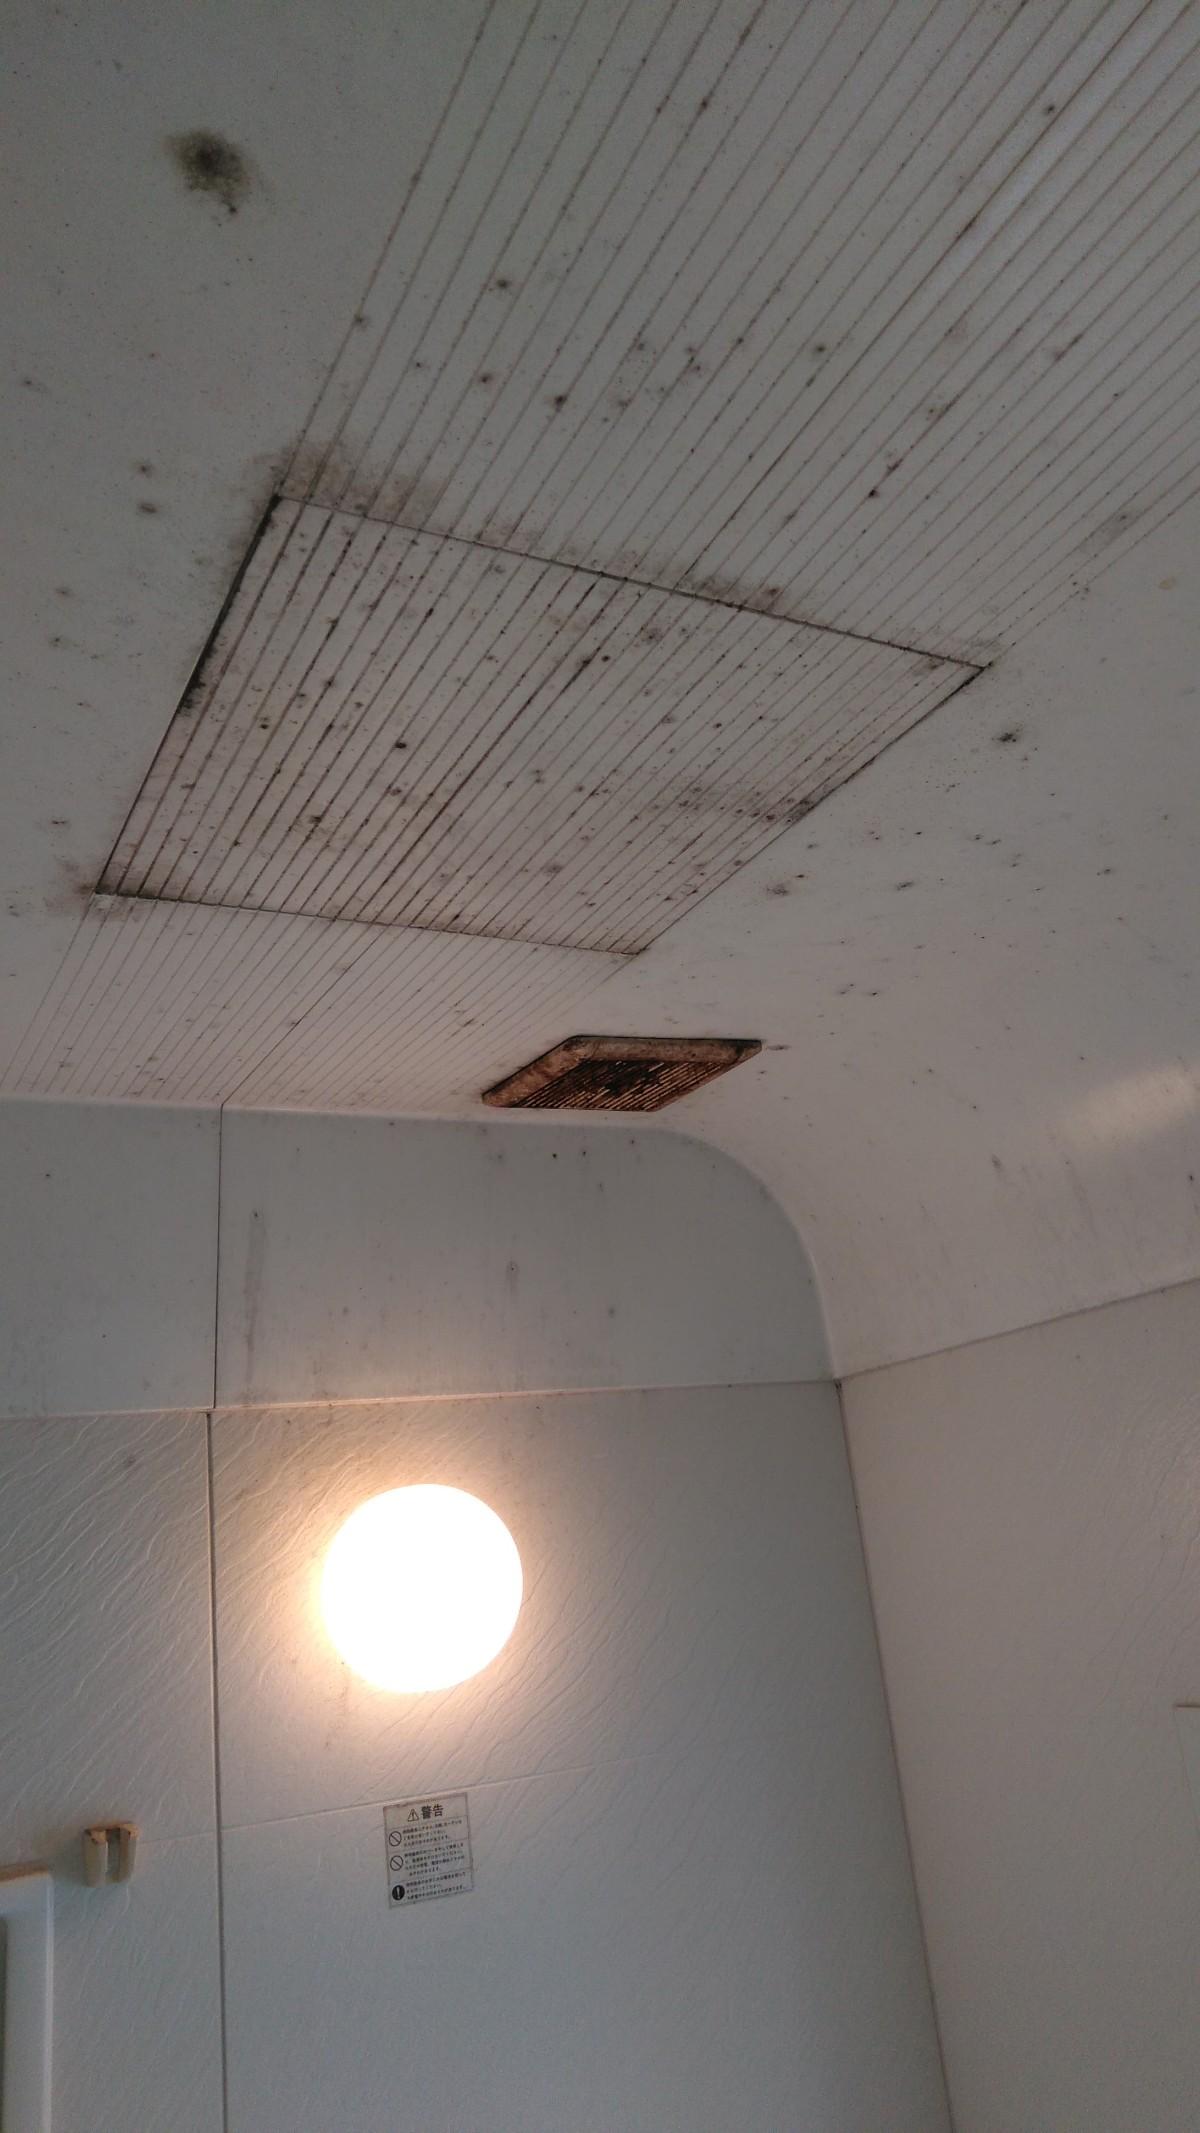 お風呂の天井の黒いカビを何とかしてほしい!Before